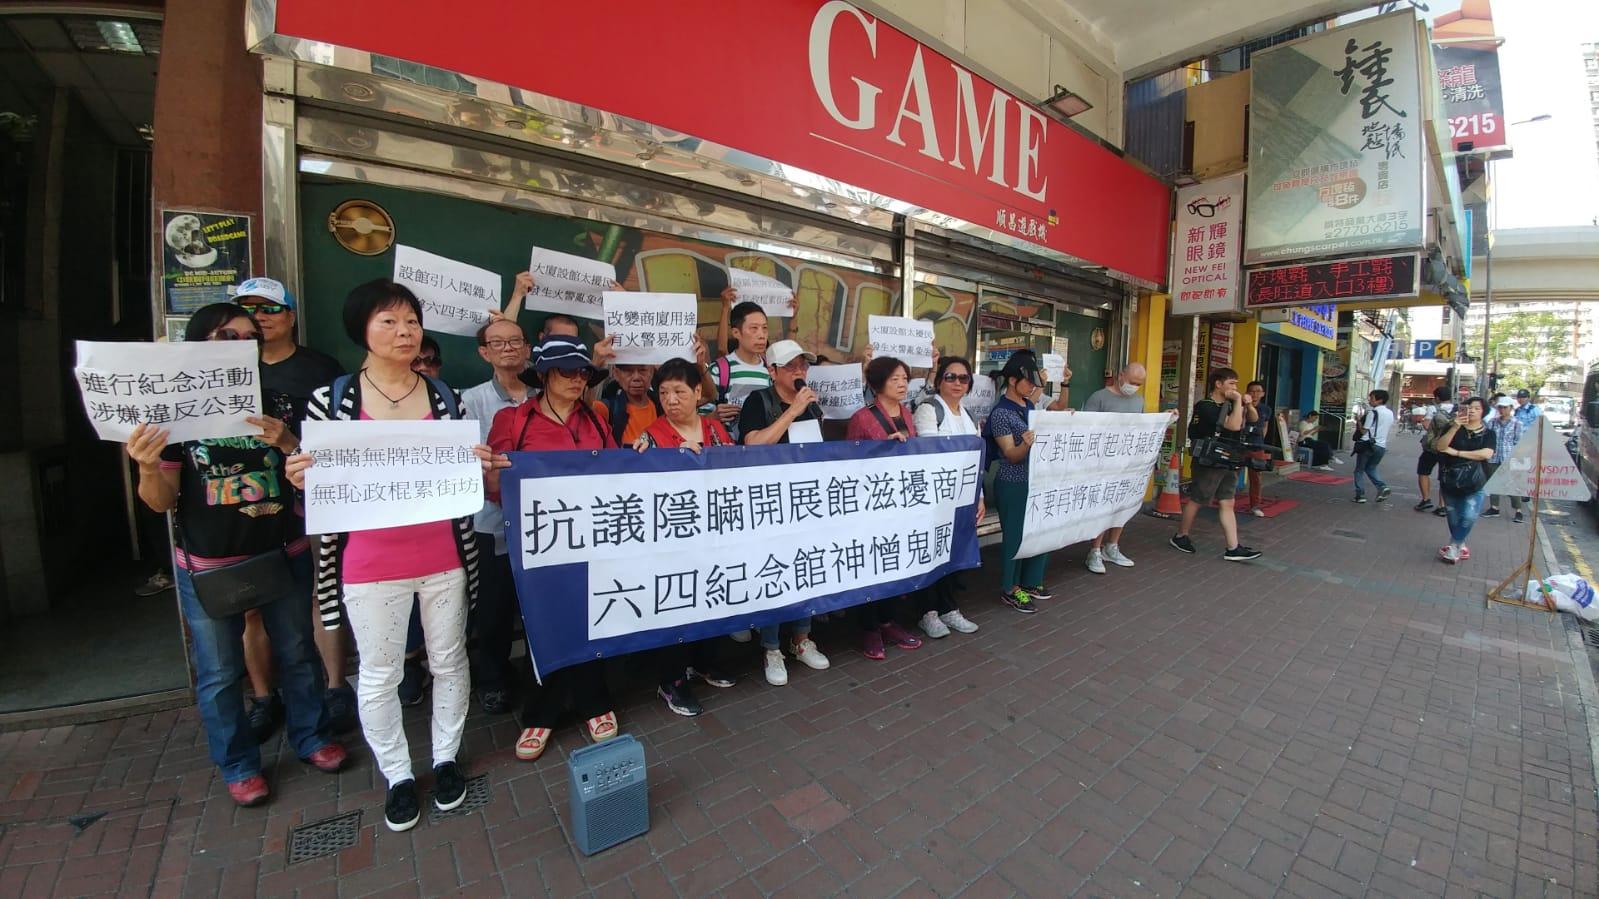 有市民不满发起示威。